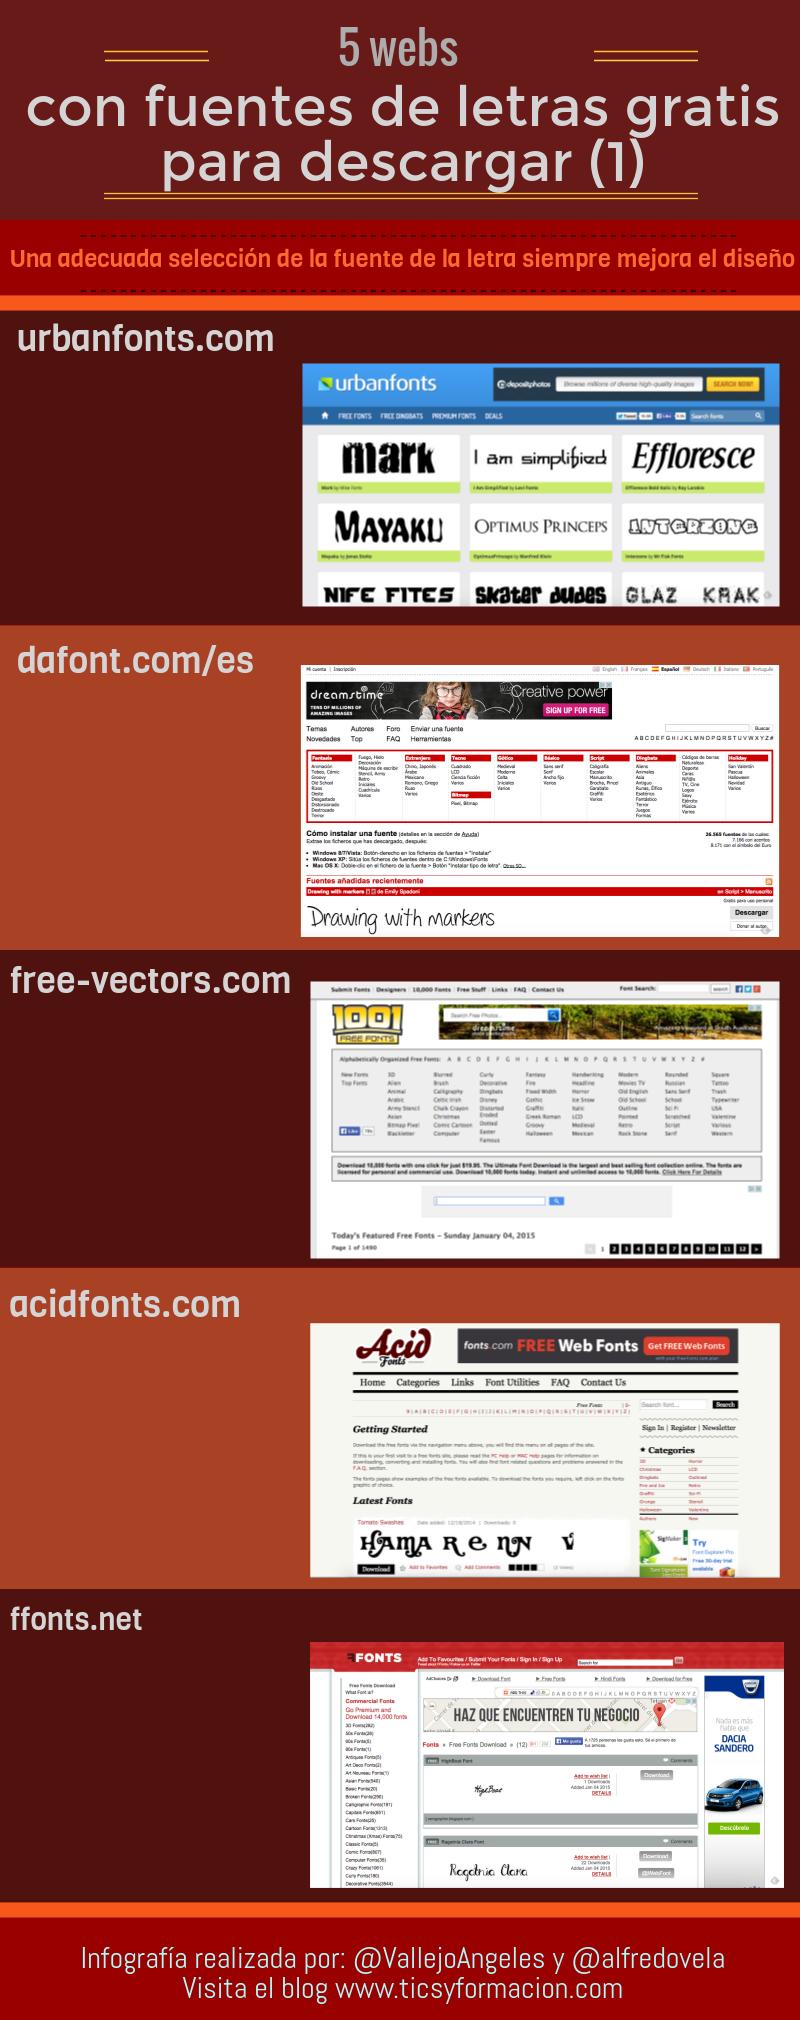 5 webs con fuentes de letras gratis (1)